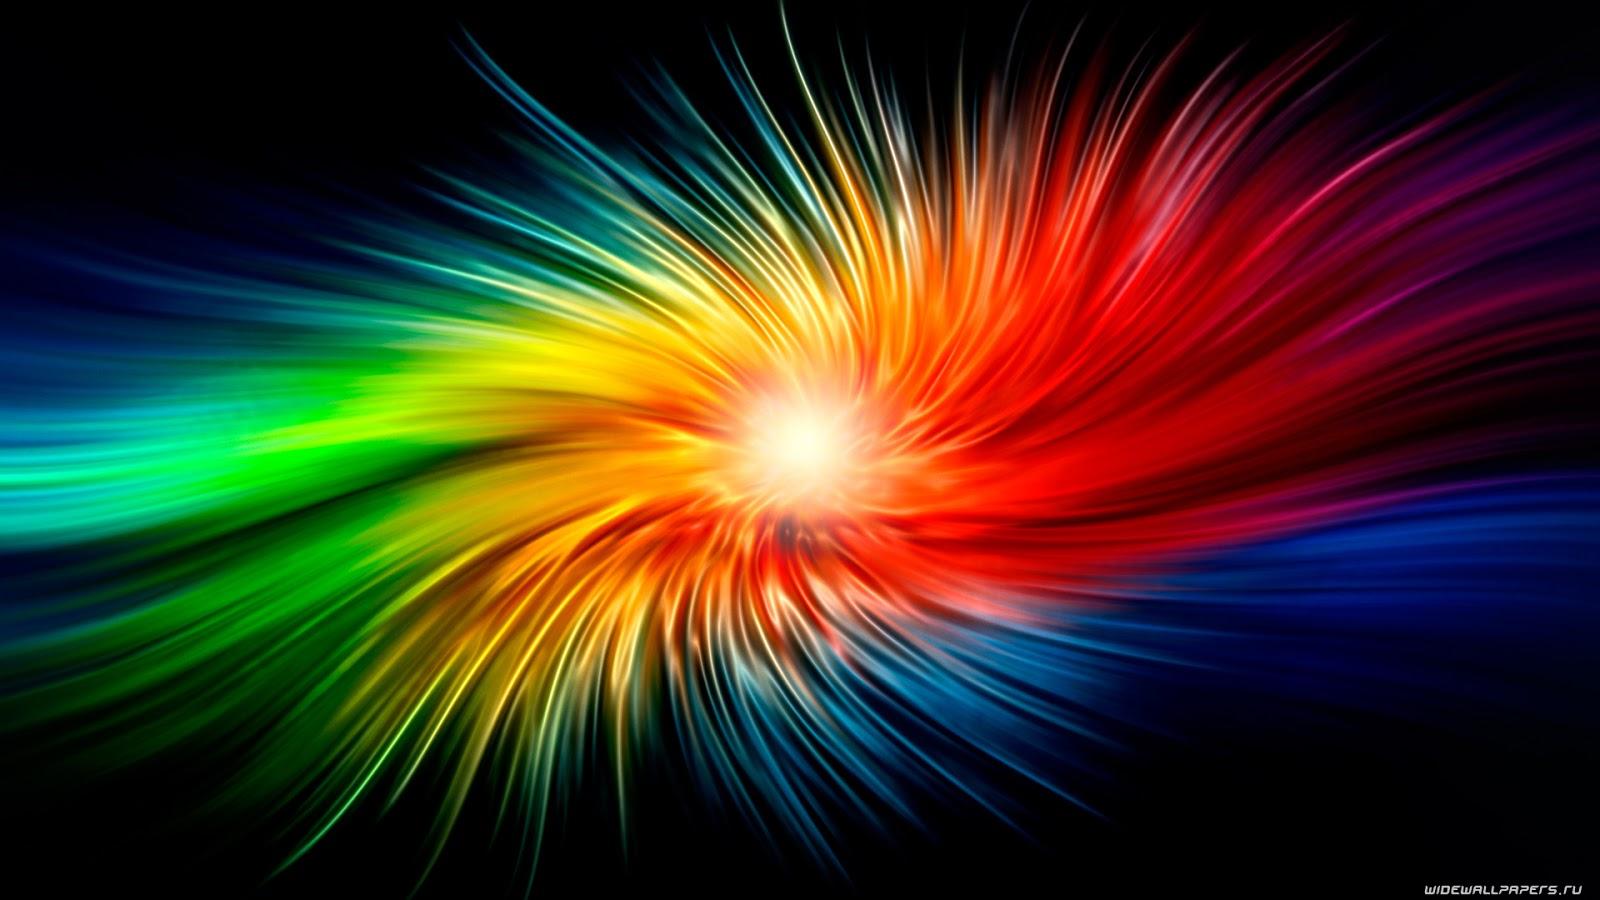 http://1.bp.blogspot.com/-LWyhGQRcJHw/UVUMhe2GrvI/AAAAAAAAAAs/GIvJYbsmeOU/s1600/Color-Lines-Abstract-Wide-Wallpaper.jpg